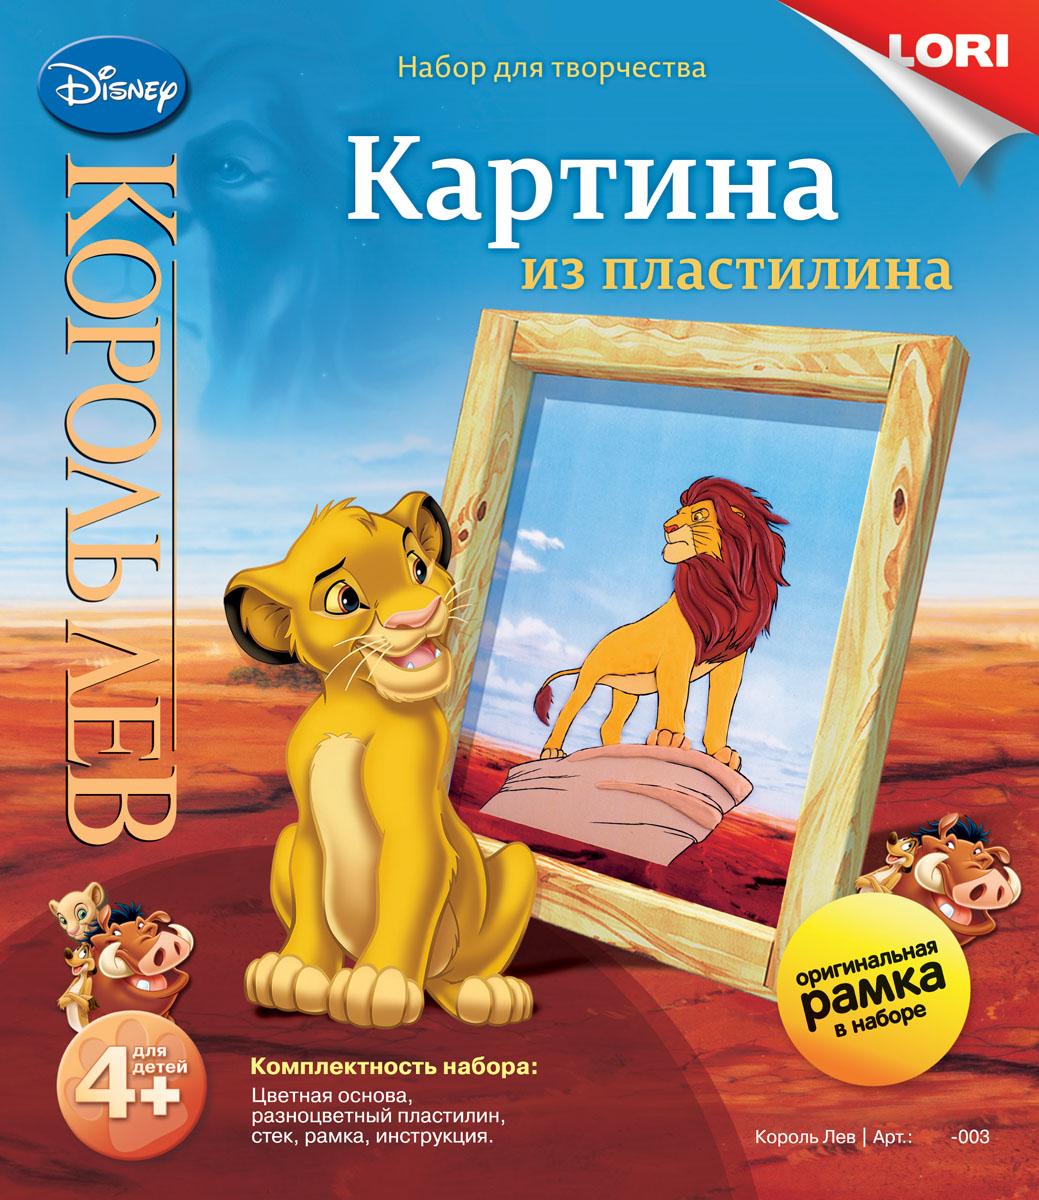 Lori Картина из пластилина Disney Король лев